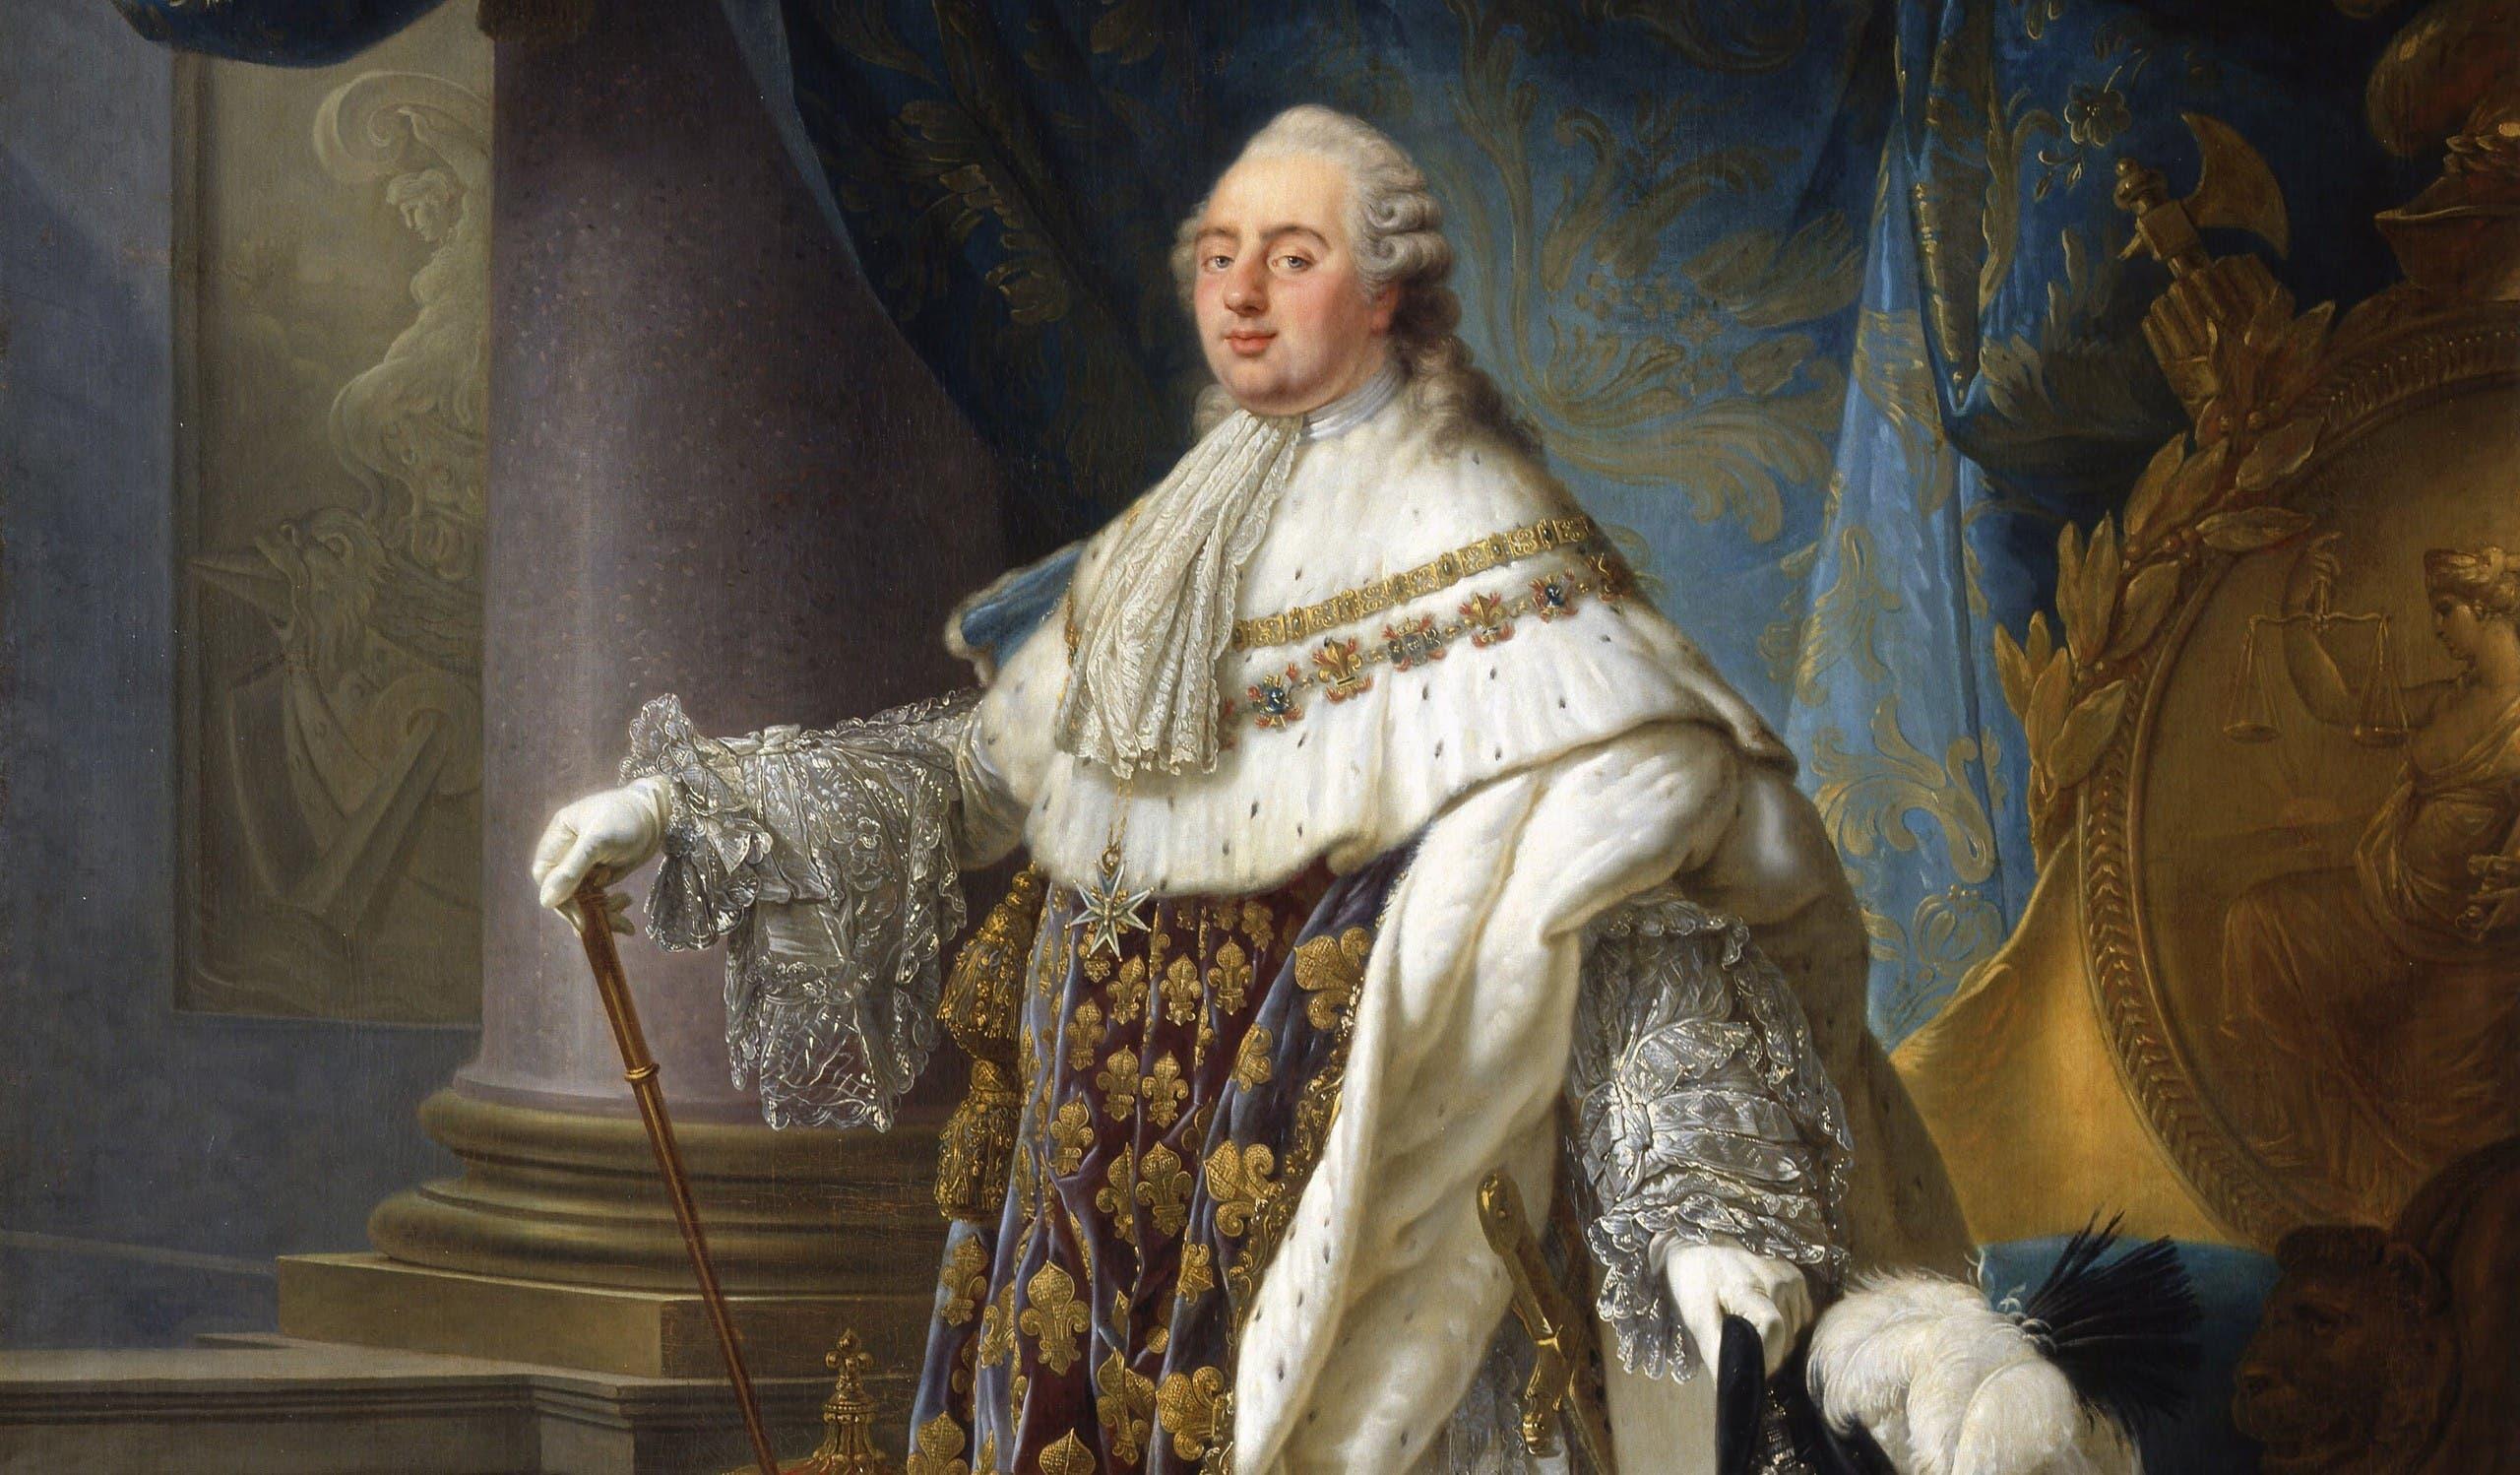 صورة للملك الفرنسي لويس السادس عشر - Copy